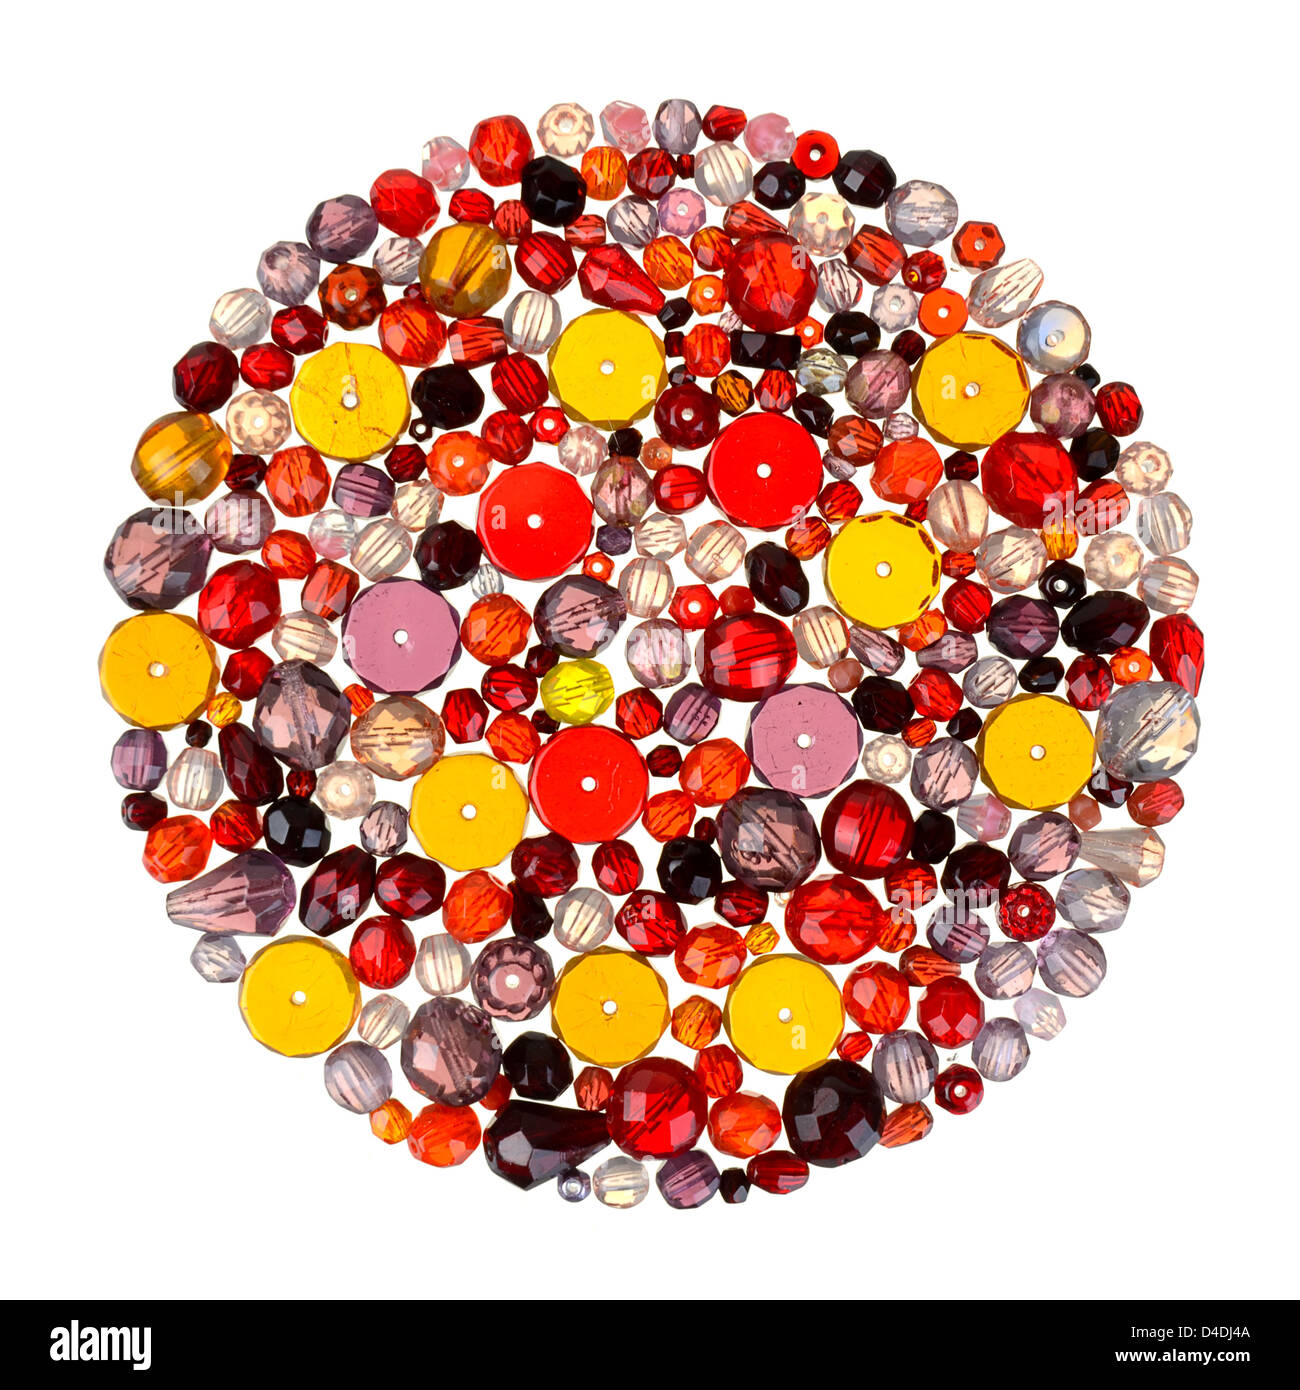 Billes de verre pour la fabrication de bijoux et perles Photo Stock